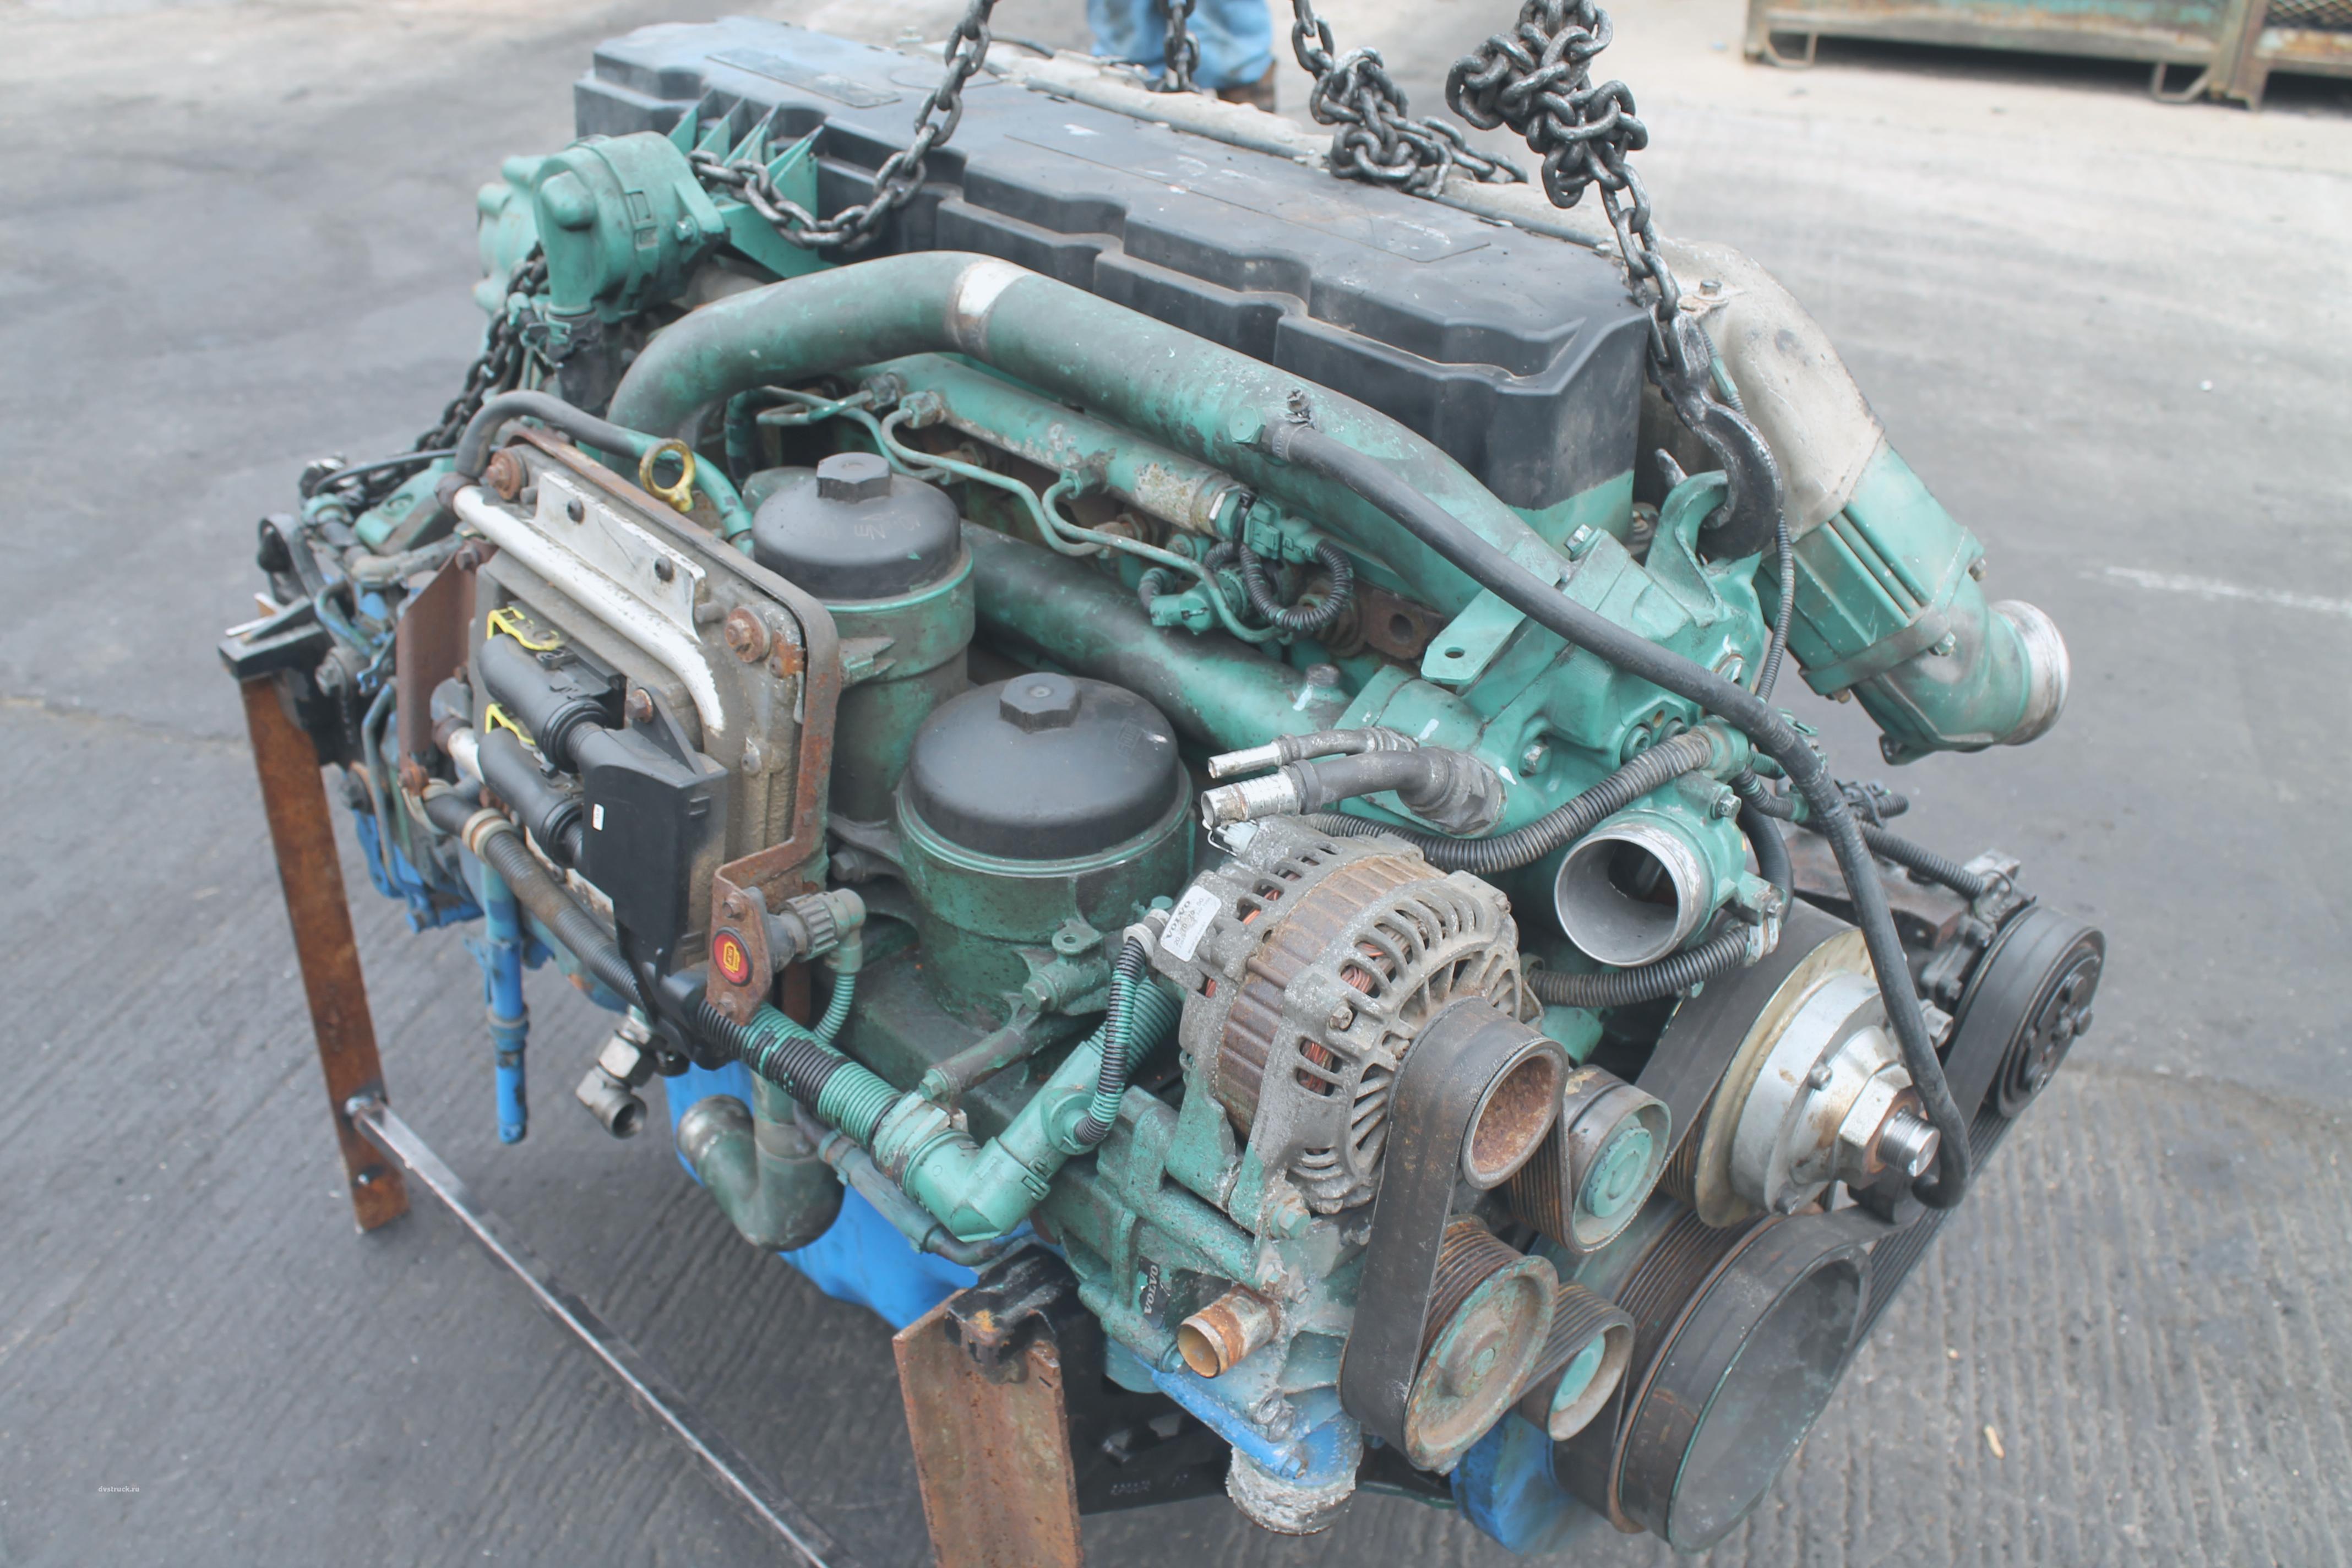 Если дизельному двигателю не хватает топлива , то проверяйте топливную аппаратуру: в горку еле тянет -педаль в пол, обороты очень медленно поднимаются где-то до , скорость 60 максимум.